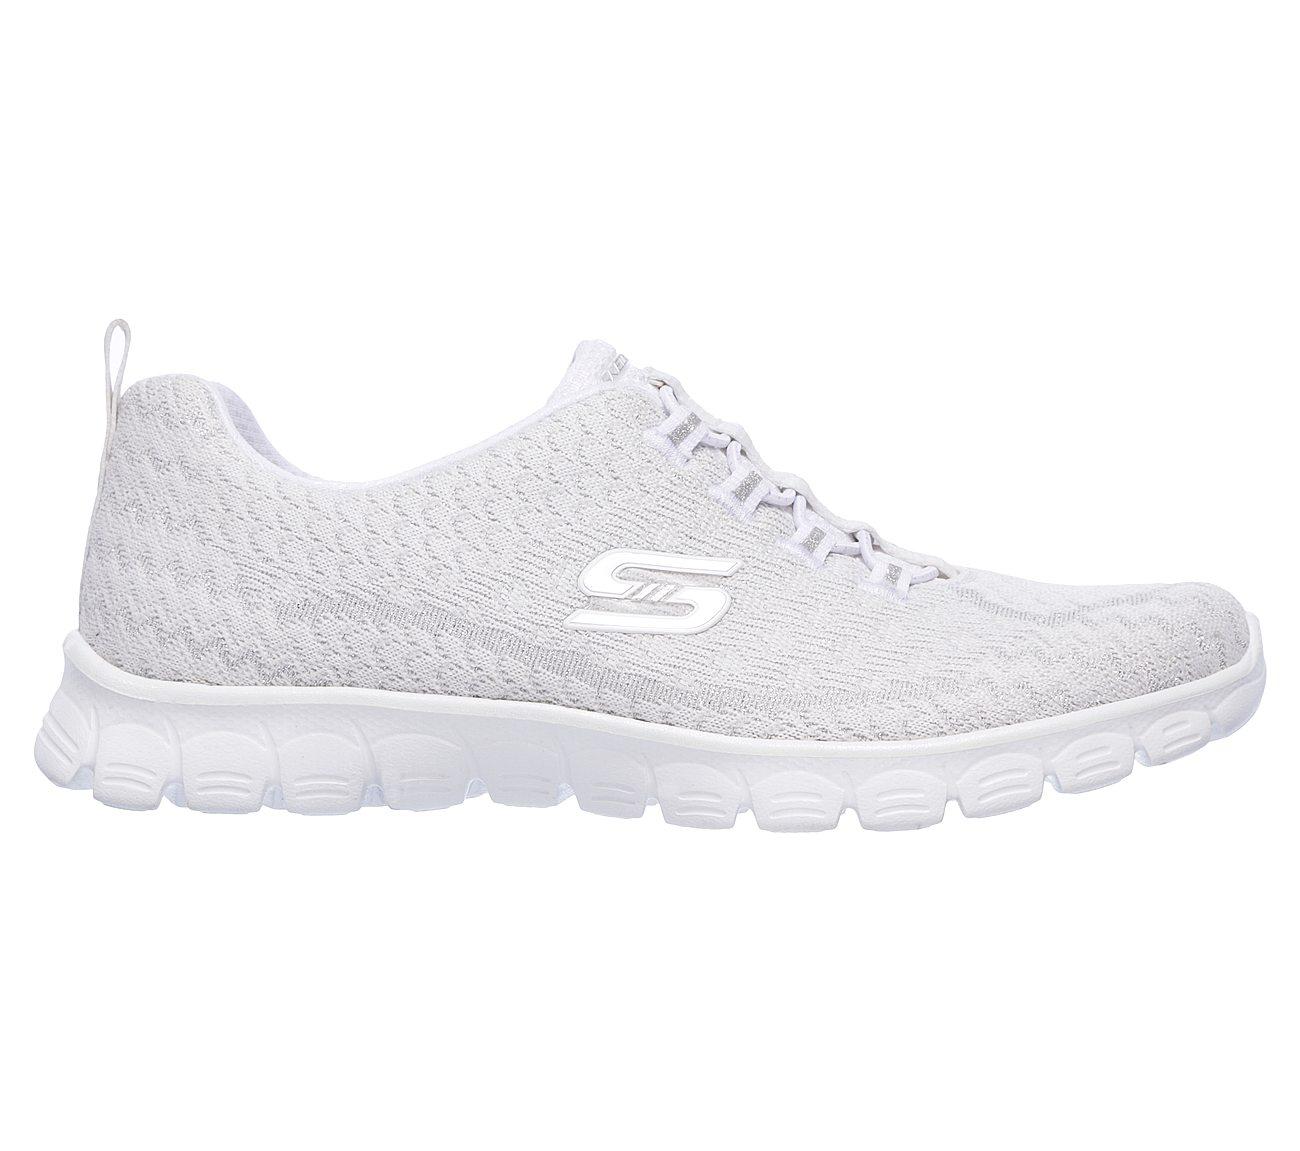 b2e75968df81 Buy SKECHERS EZ Flex 3.0 - Estrella SKECHERS Sport Active Shoes only ...